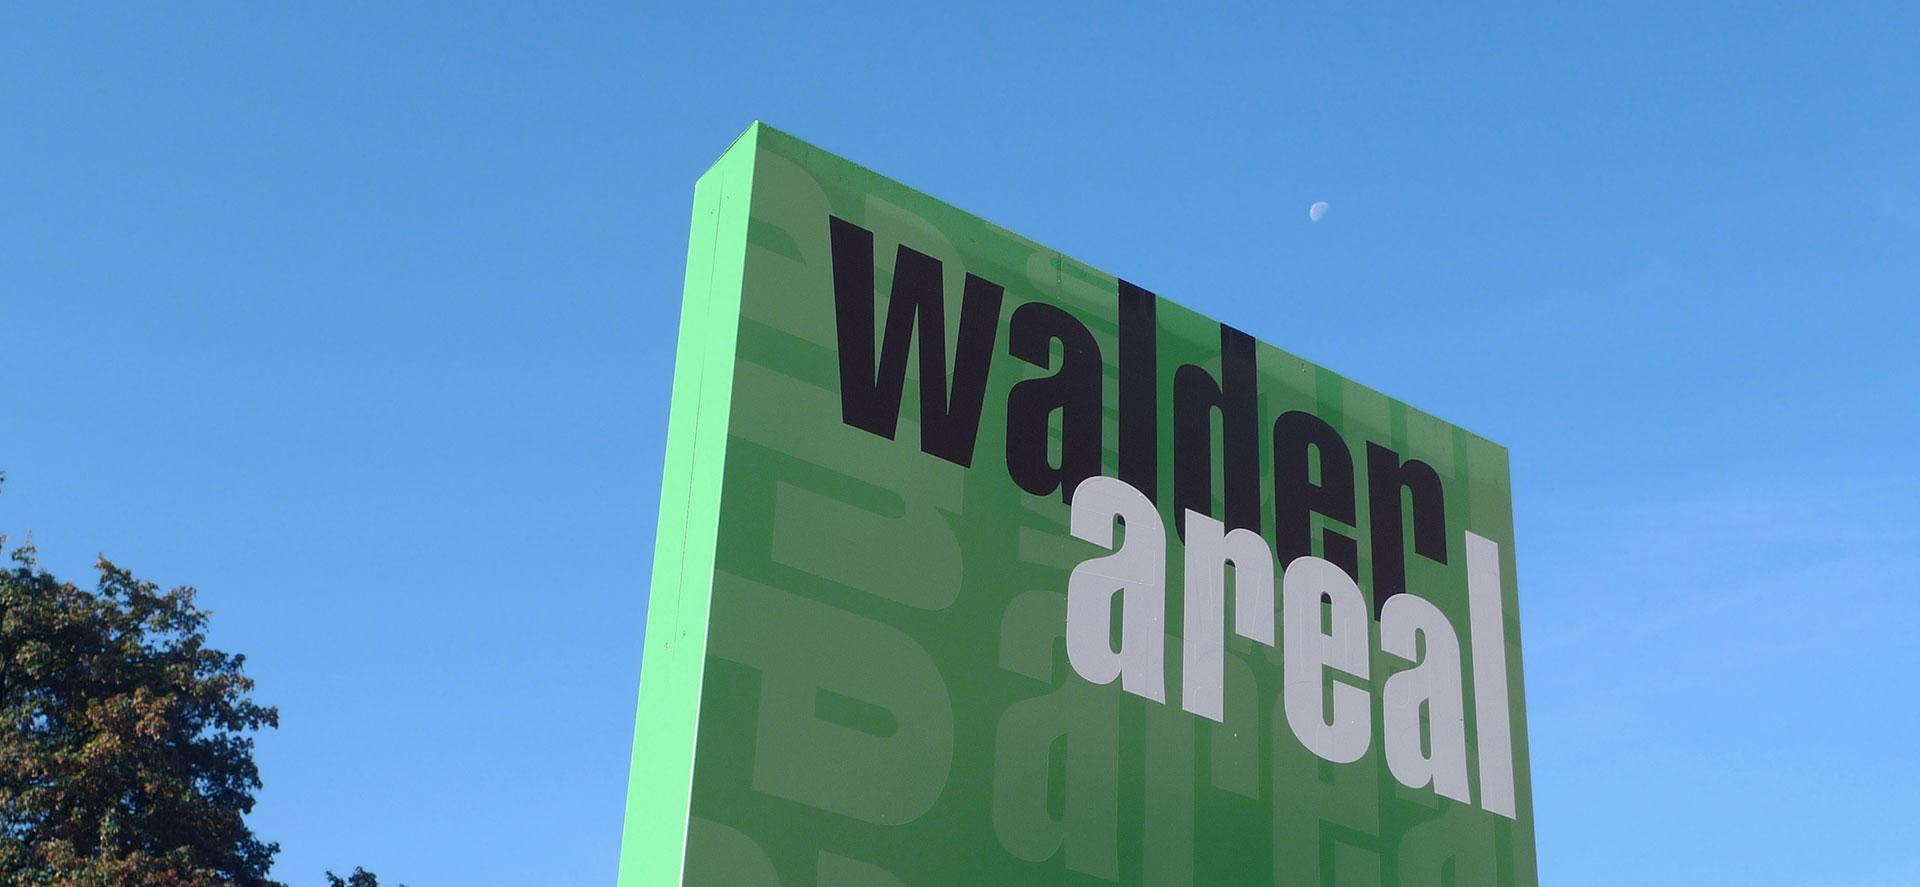 Signaletik Walder Areal